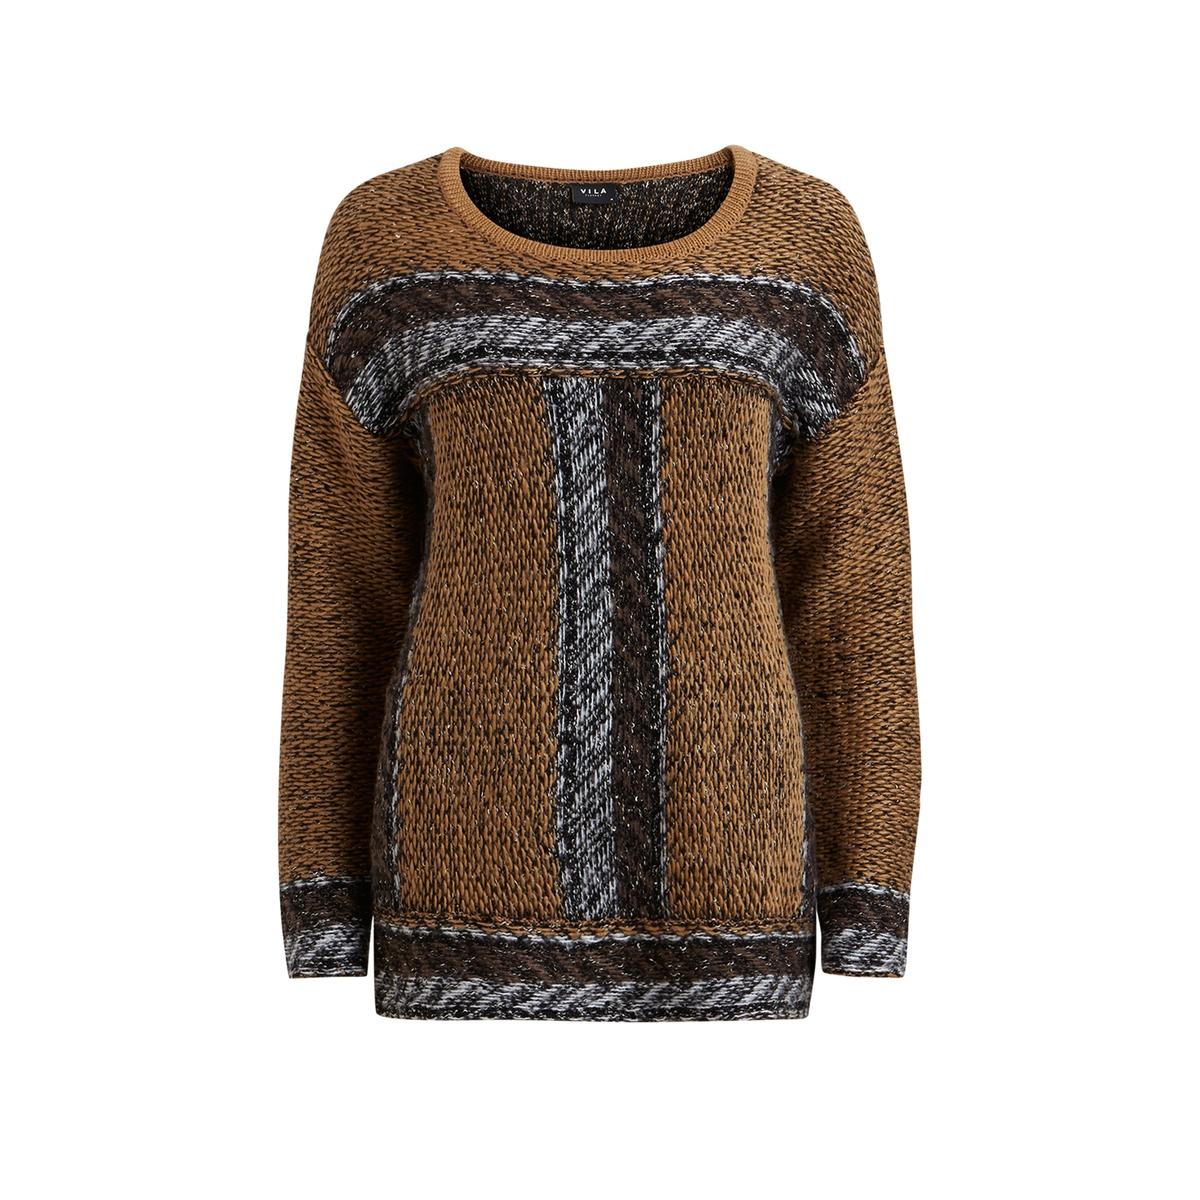 Пуловер VIMOUNTAIN KNIT TOPСостав и описание :Материал : 37% акрила, 30% шерсти, 20% хлопка, 13% полиэстера Марка : VILA.<br><br>Цвет: ореховый